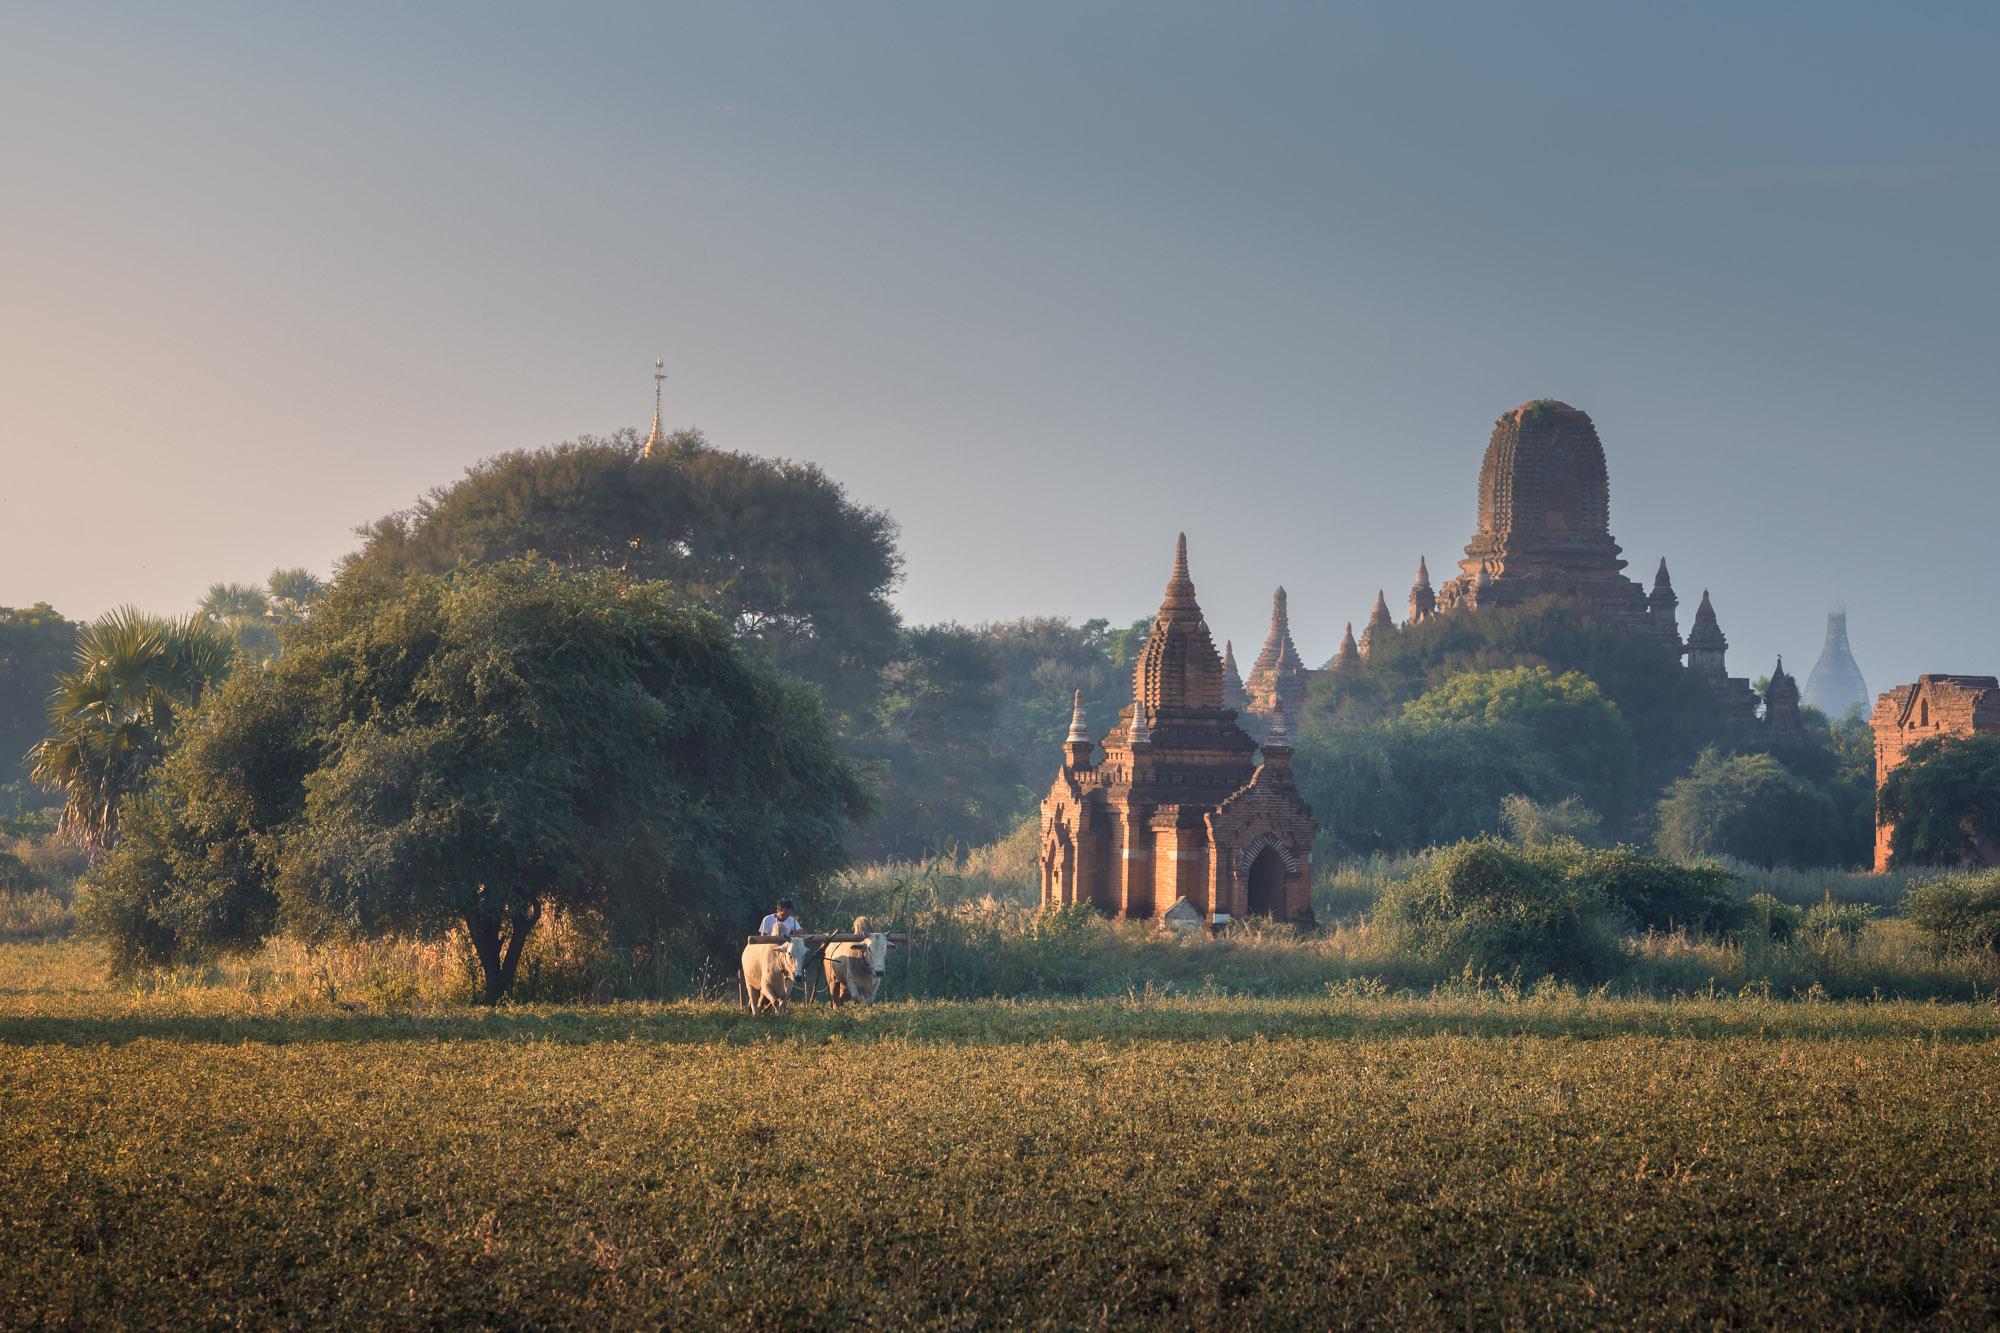 Old Bagan in the Morning, Bagan, Myanmar